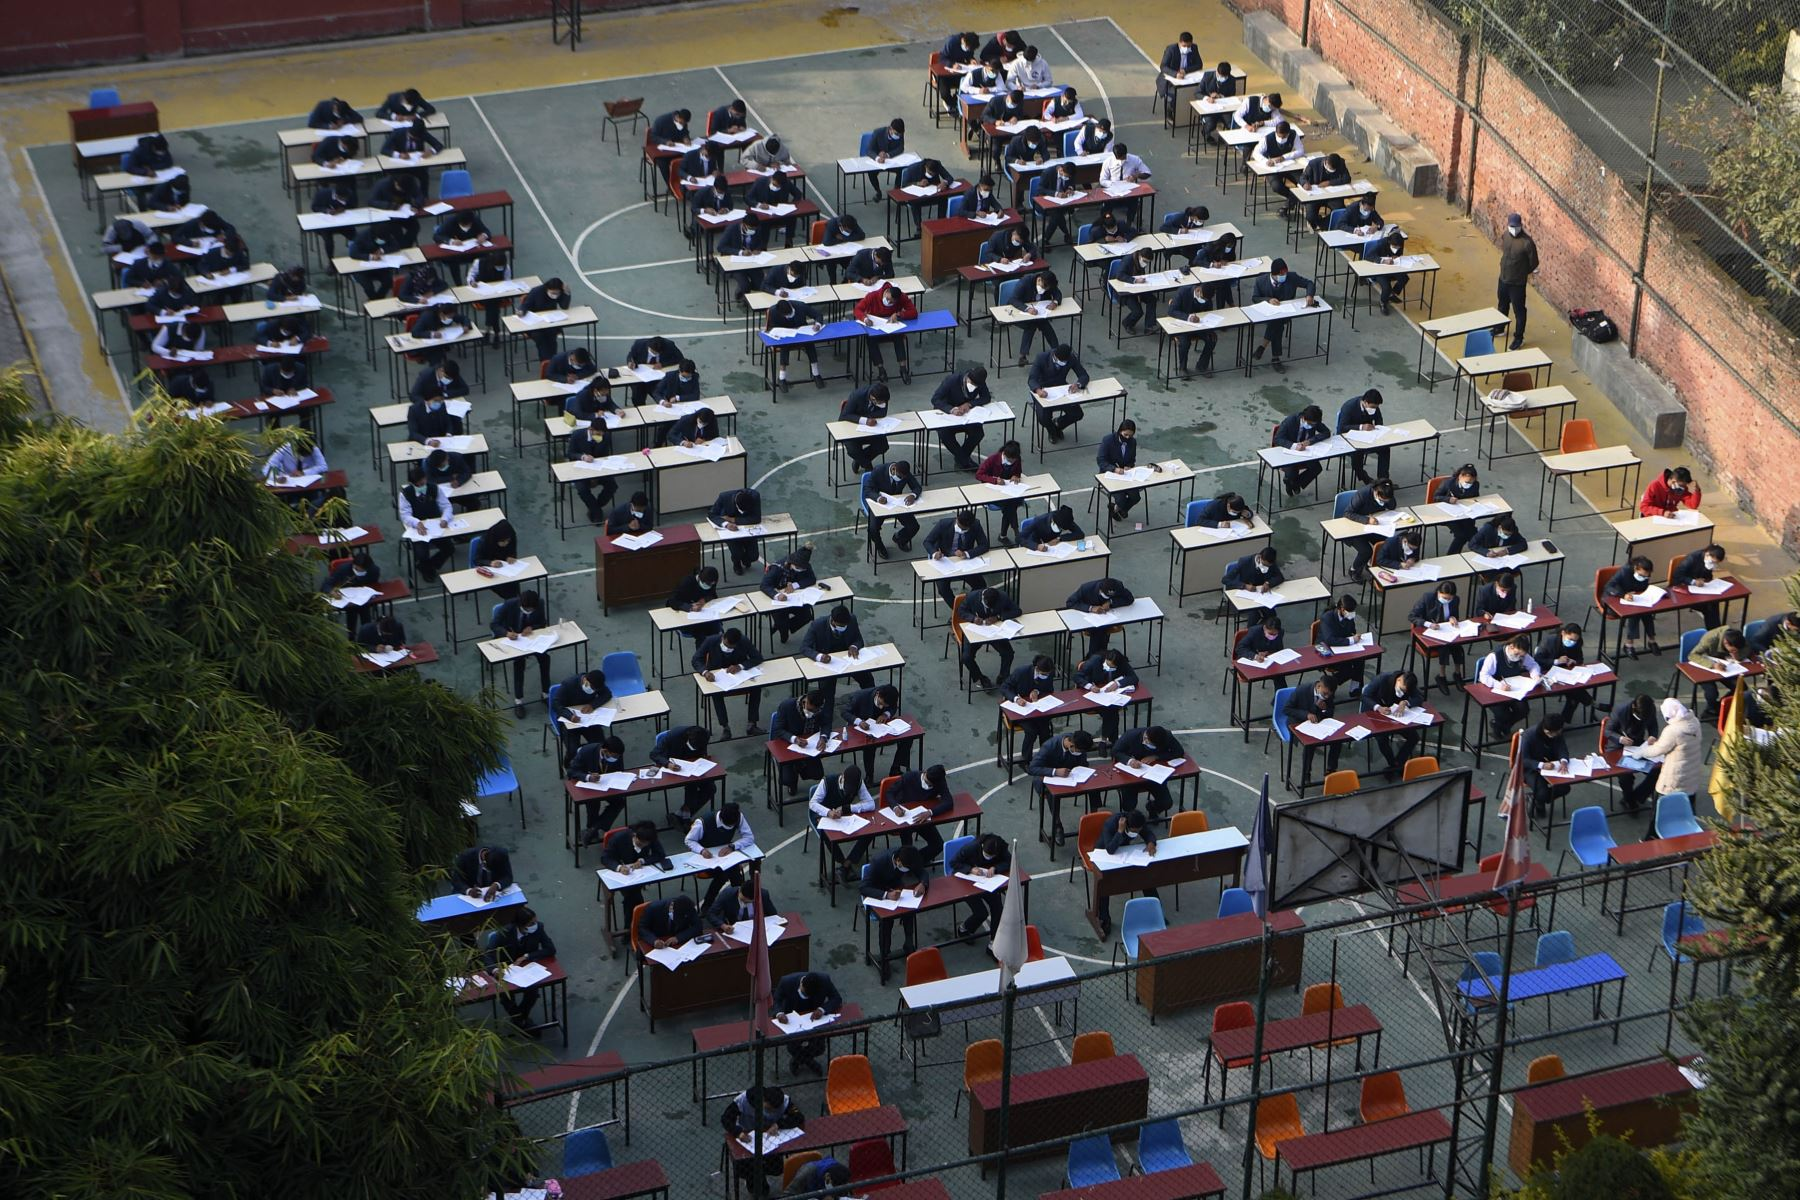 Estudiantes que usan mascarillas rinden el examen en el patio de la escuela en medio de la pandemia del coronavirus Covid-19 en Katmandú. Foto: AFP